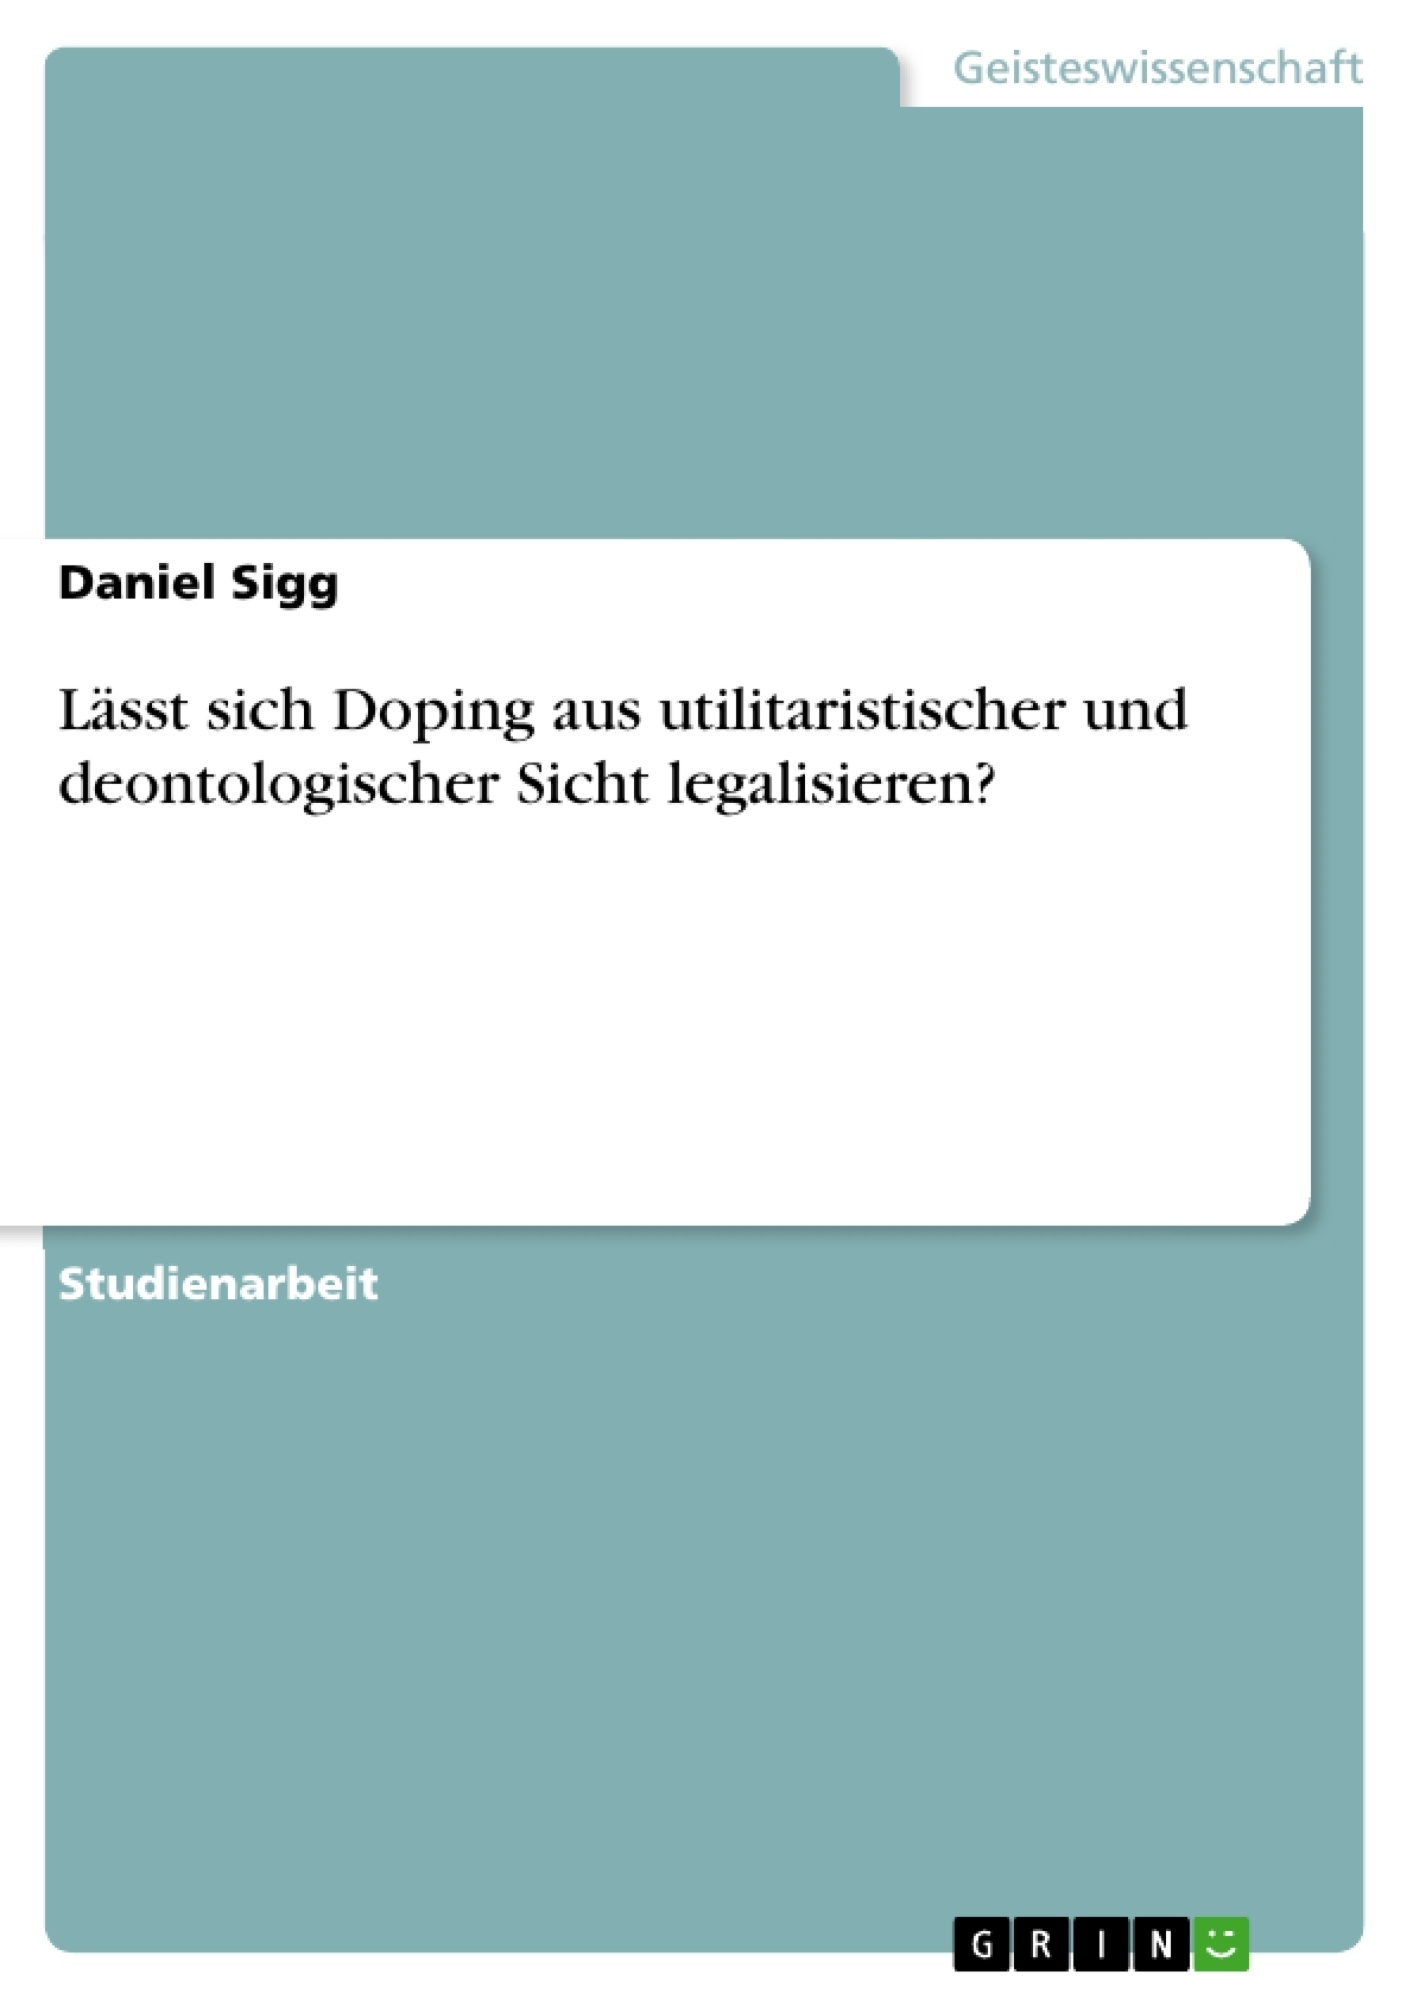 Titel: Lässt sich Doping aus utilitaristischer und deontologischer Sicht legalisieren?